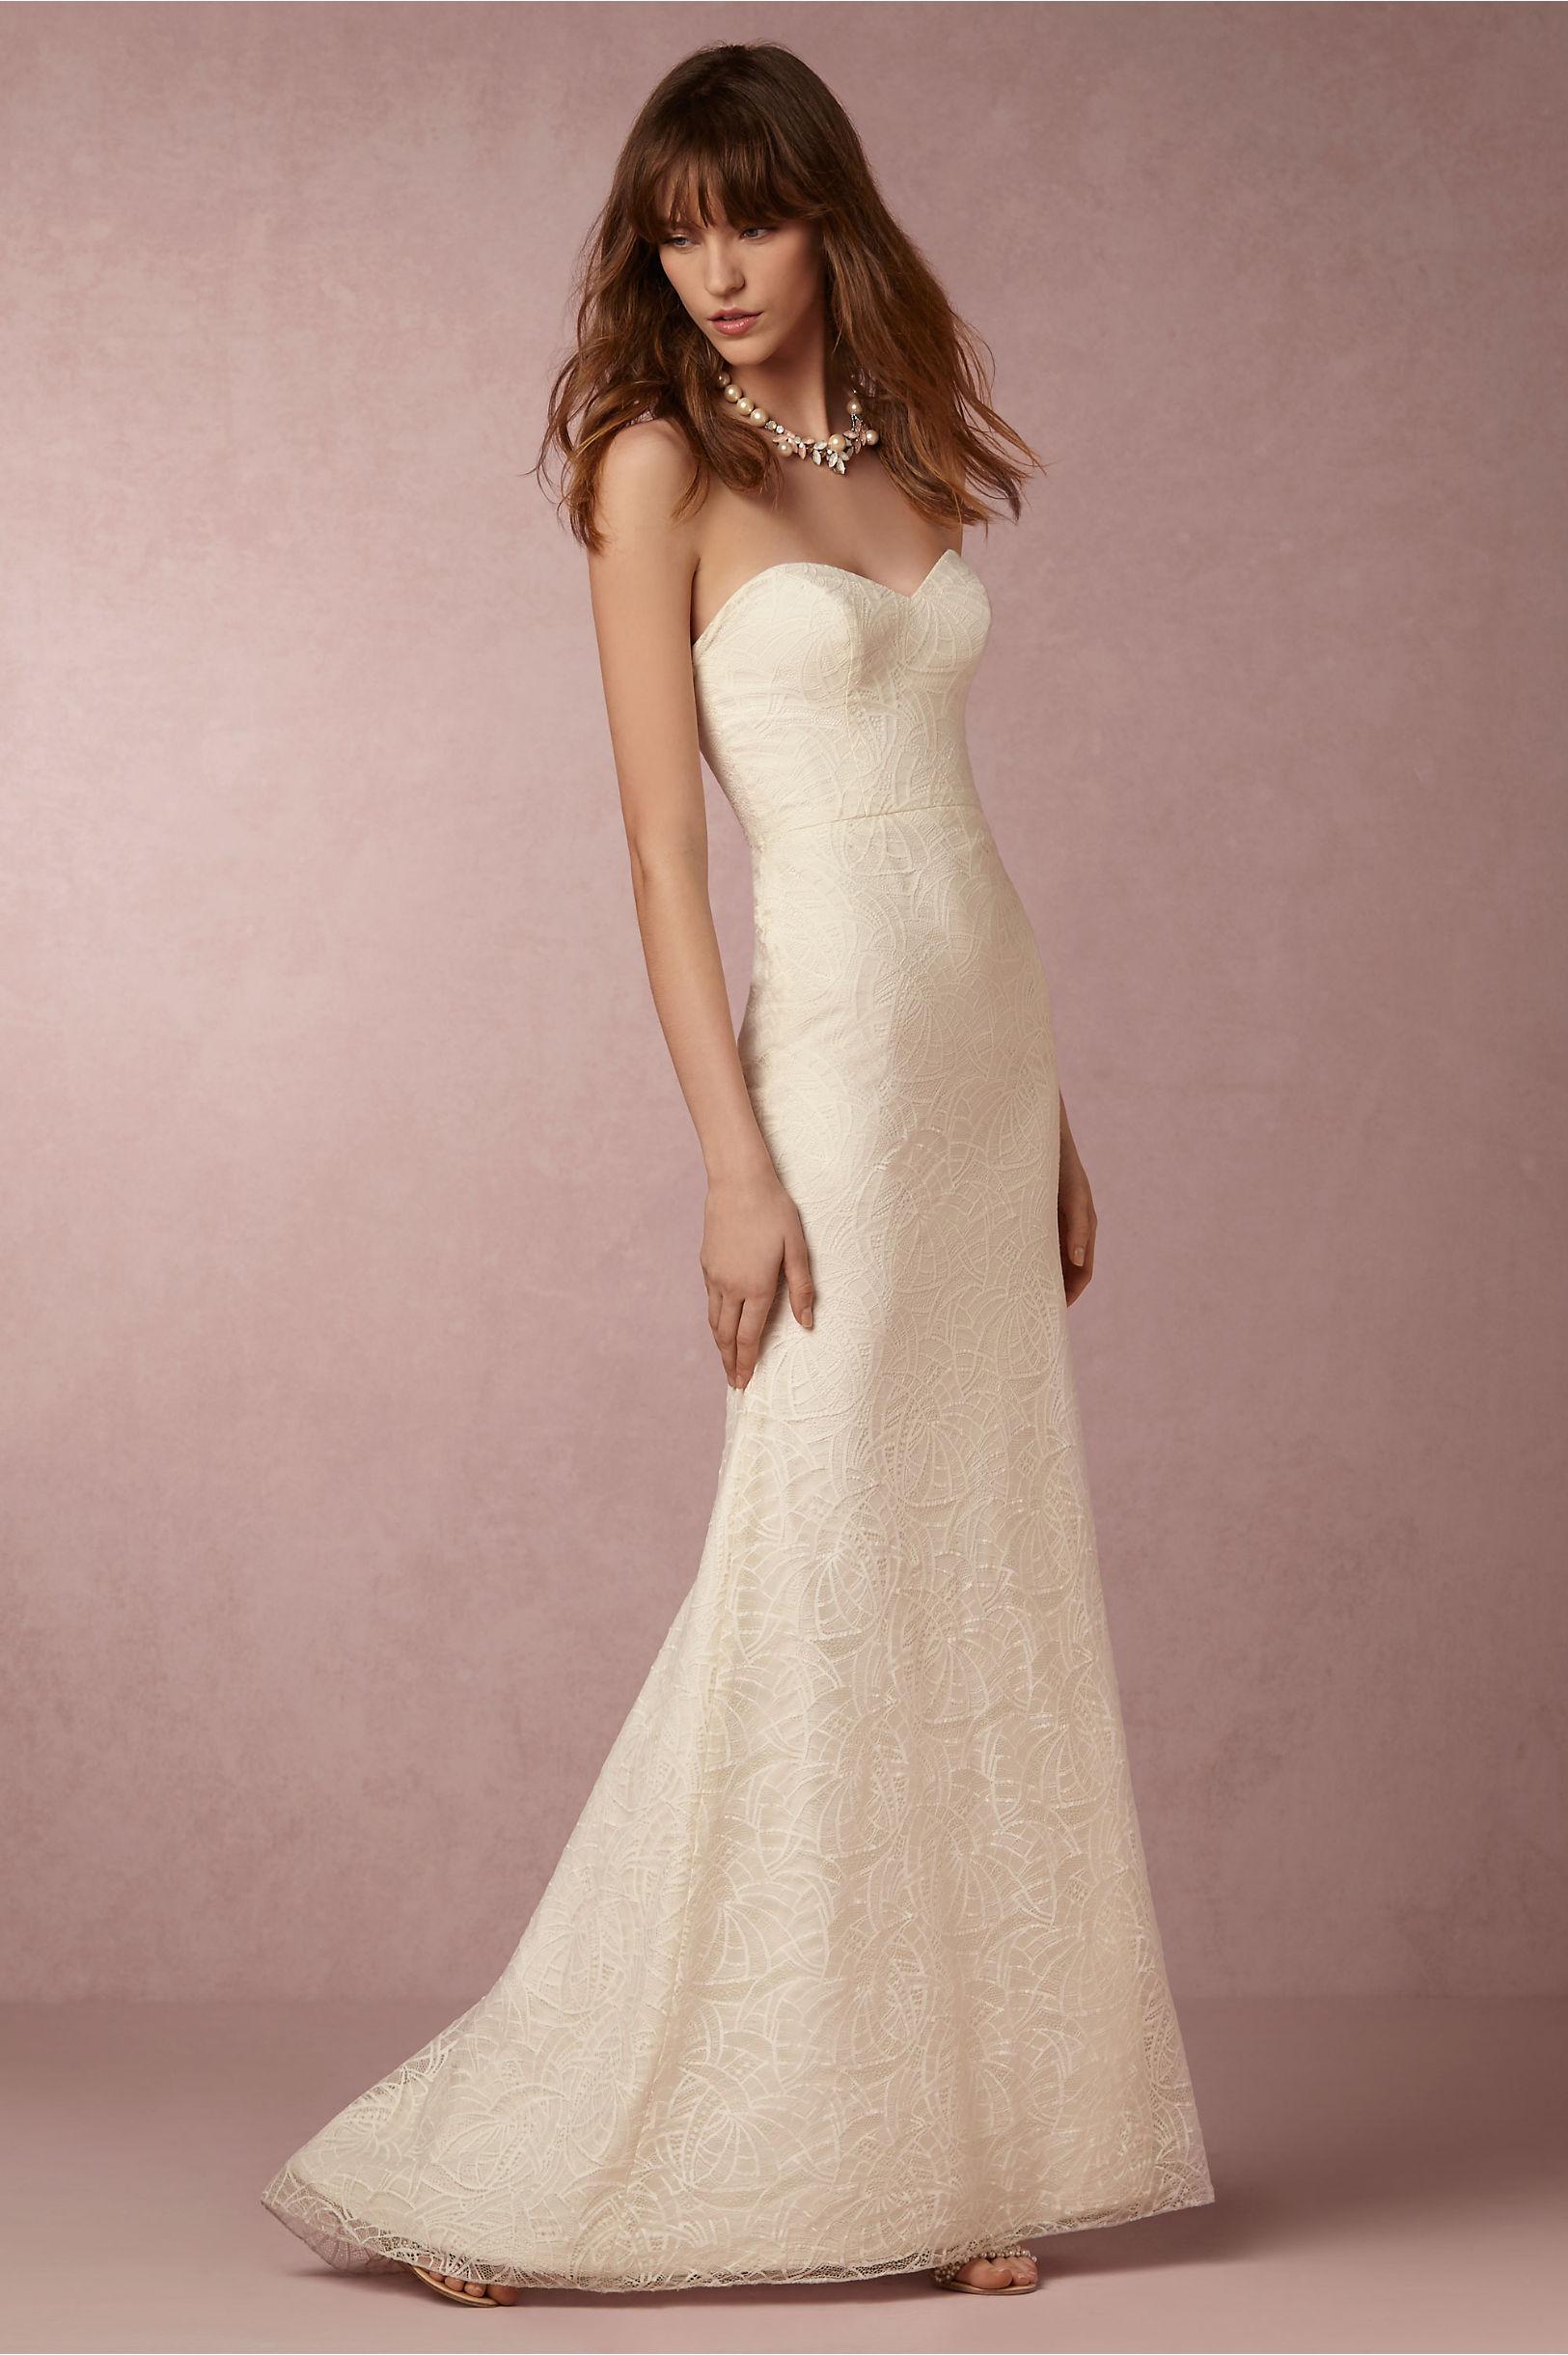 Famoso Hayley Paige Precios Vestidos De Novia Foto - Ideas de ...